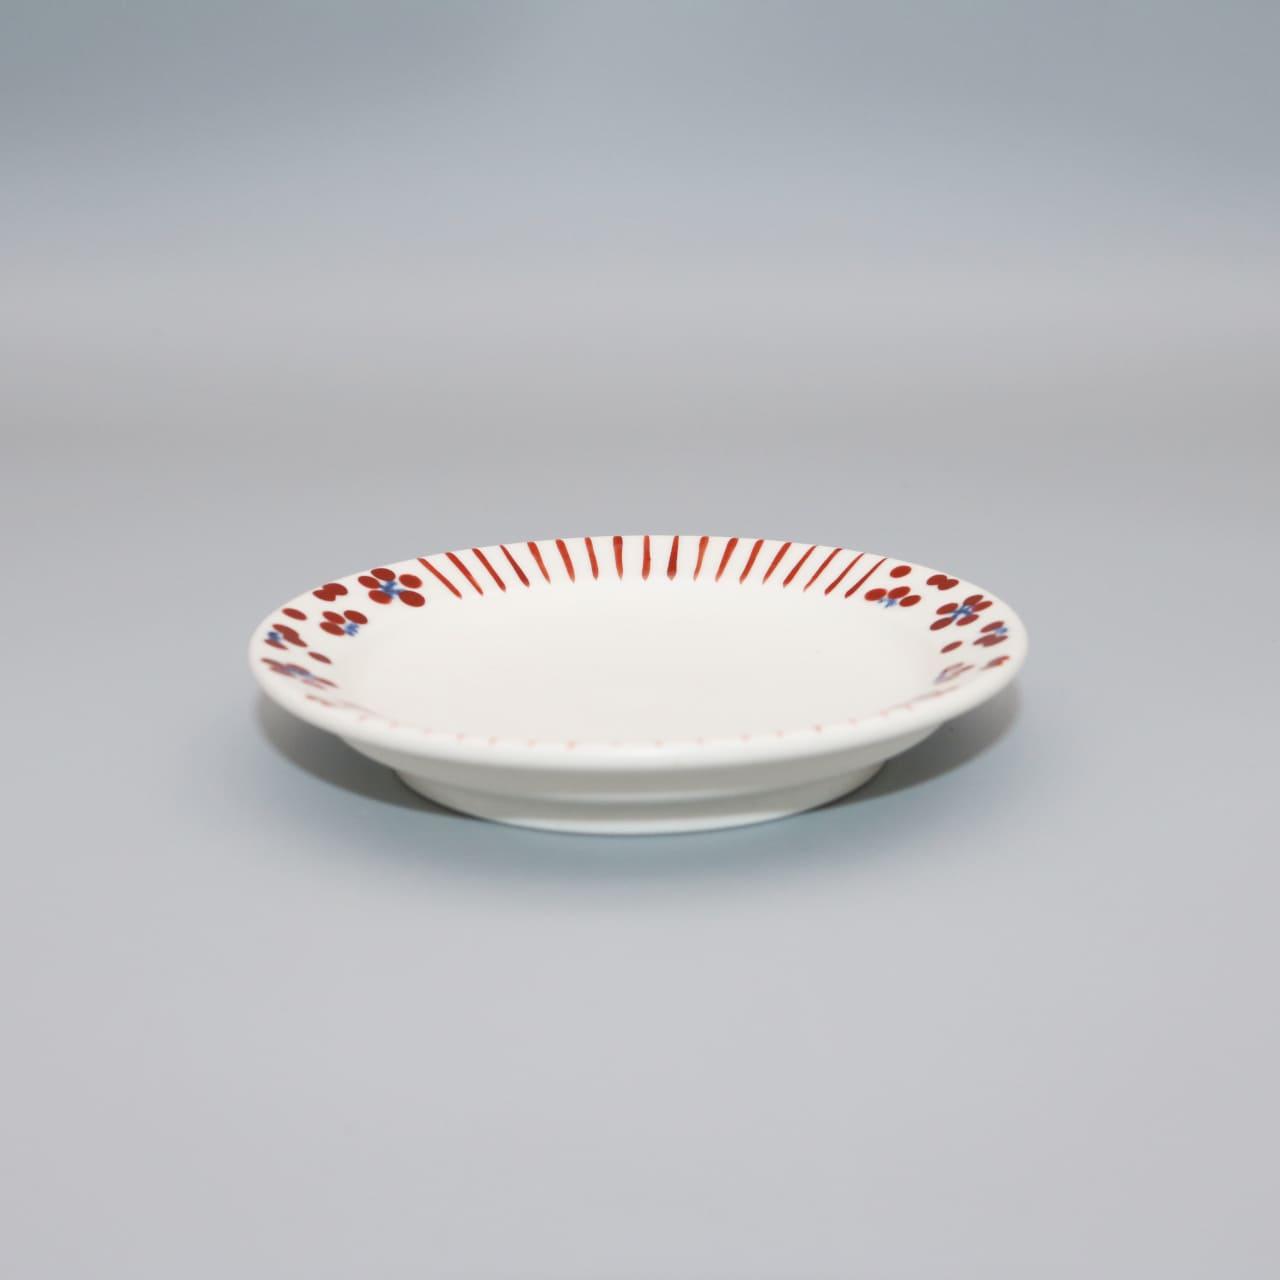 砥部焼 すこし屋松田窯 豆皿 mix赤・mix青